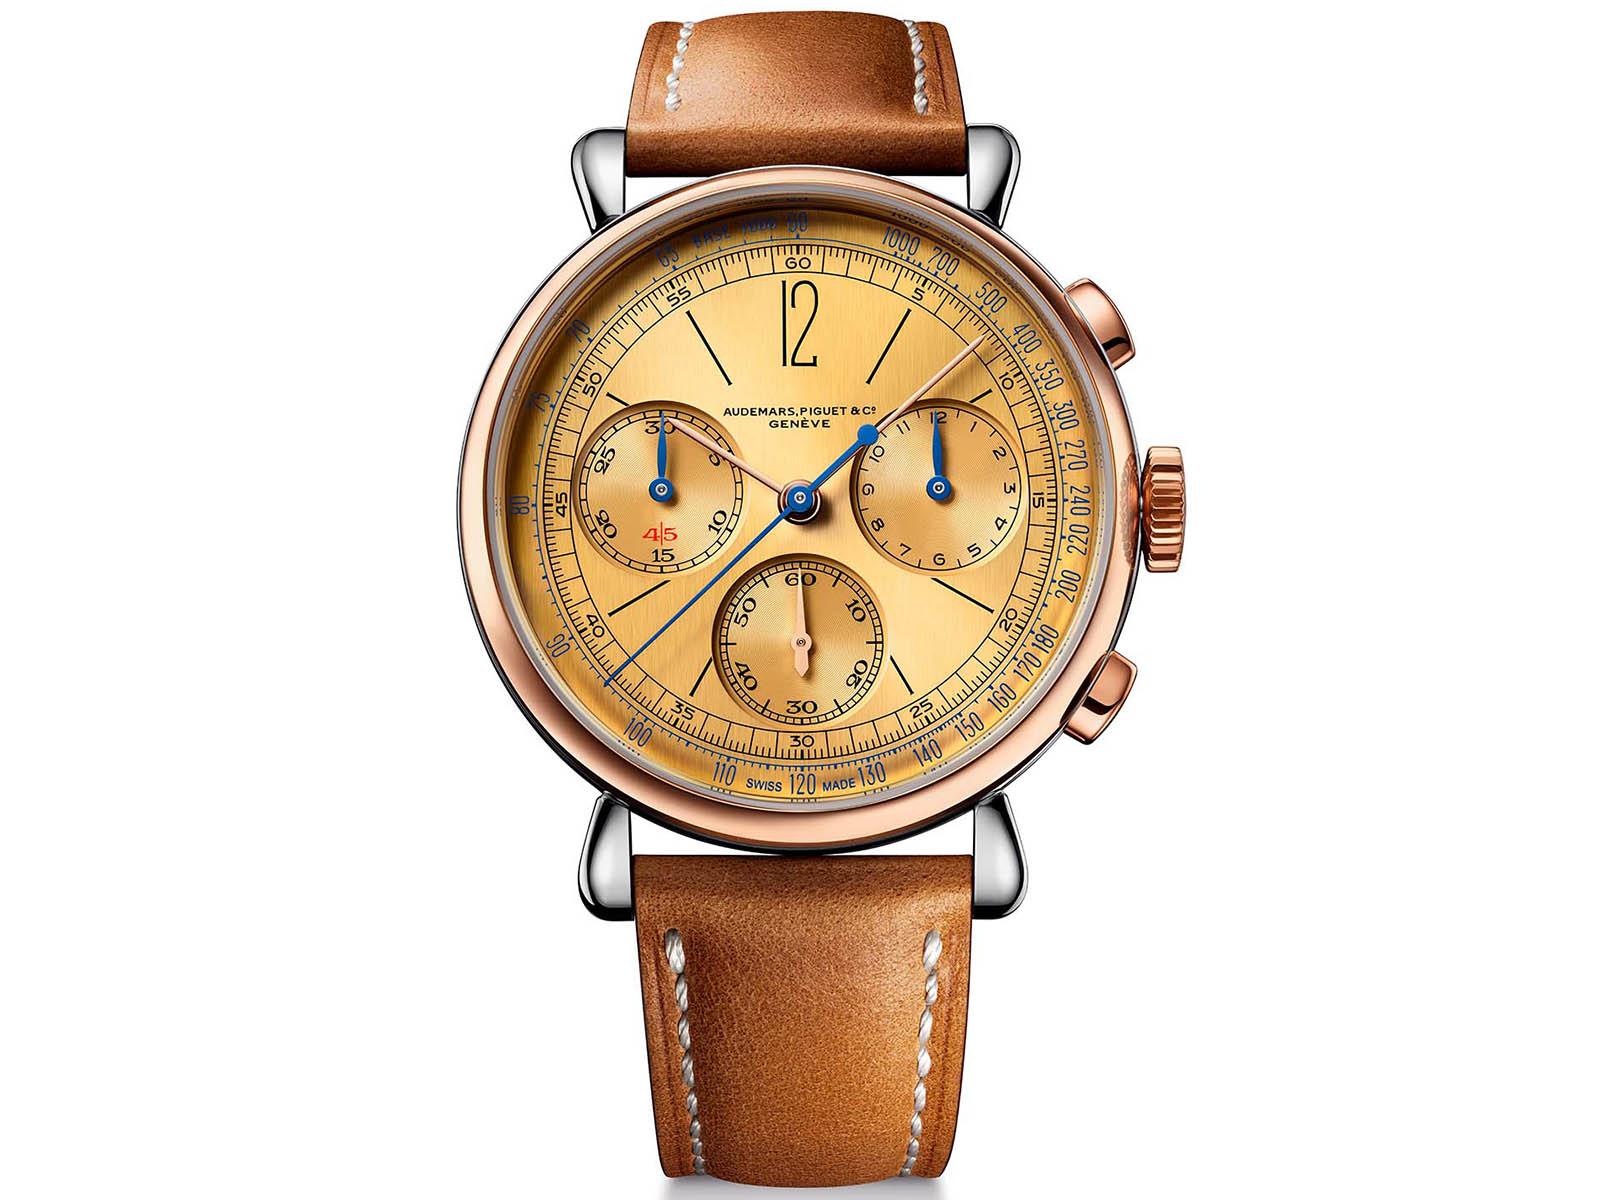 26595sr-oo-a032ve-01-audemars-piguet-remaster01-chronograph-7.jpg